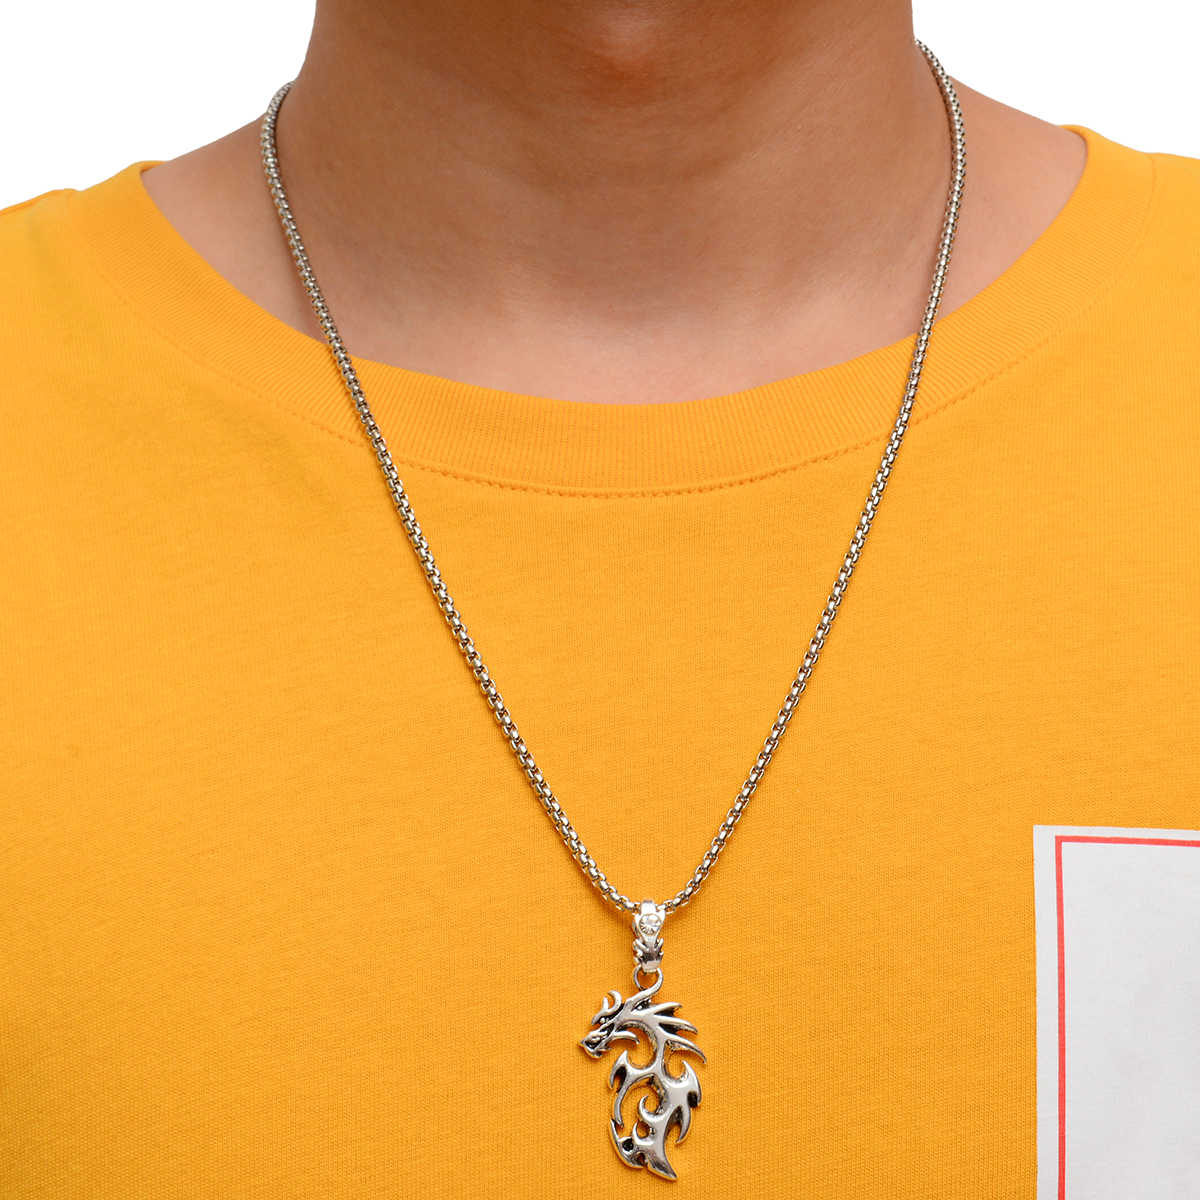 Punk wisiorek w kształcie smoka naszyjnik Shellhad Antique srebrny złoty kolor długi łańcuszek Neckleace dla mężczyzn w stylu chińskim biżuteria na szczęście prezent